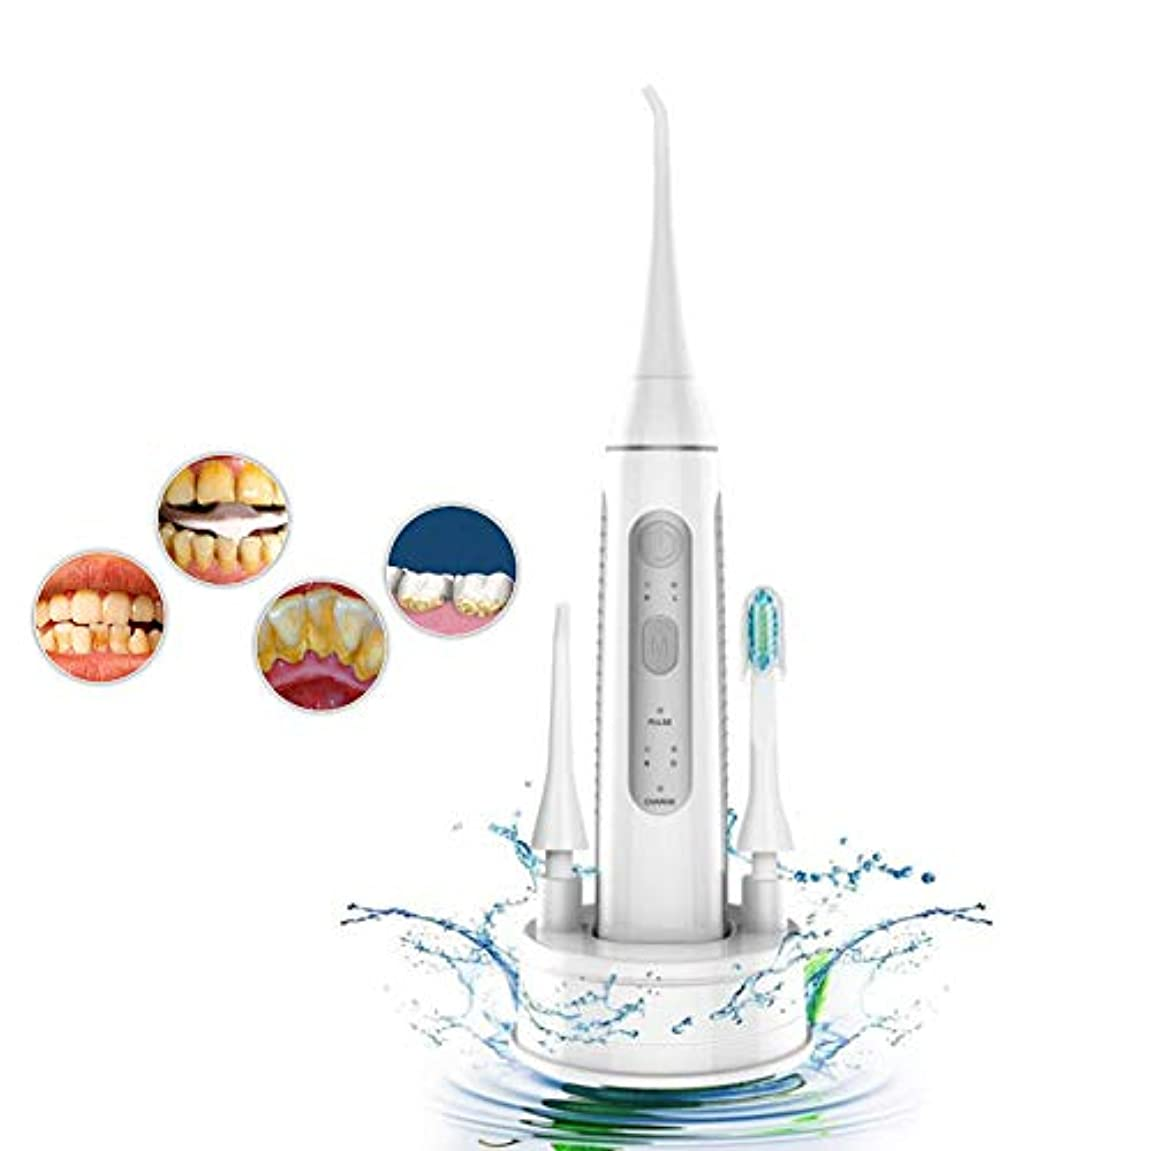 テクスチャー水族館有効超音波電動歯サーファー、2 in 1口腔ケア歯磨き粉機器ホームポータブルウォーターフロス歯のクリーニング機3モード大人と子供に適して,Gray